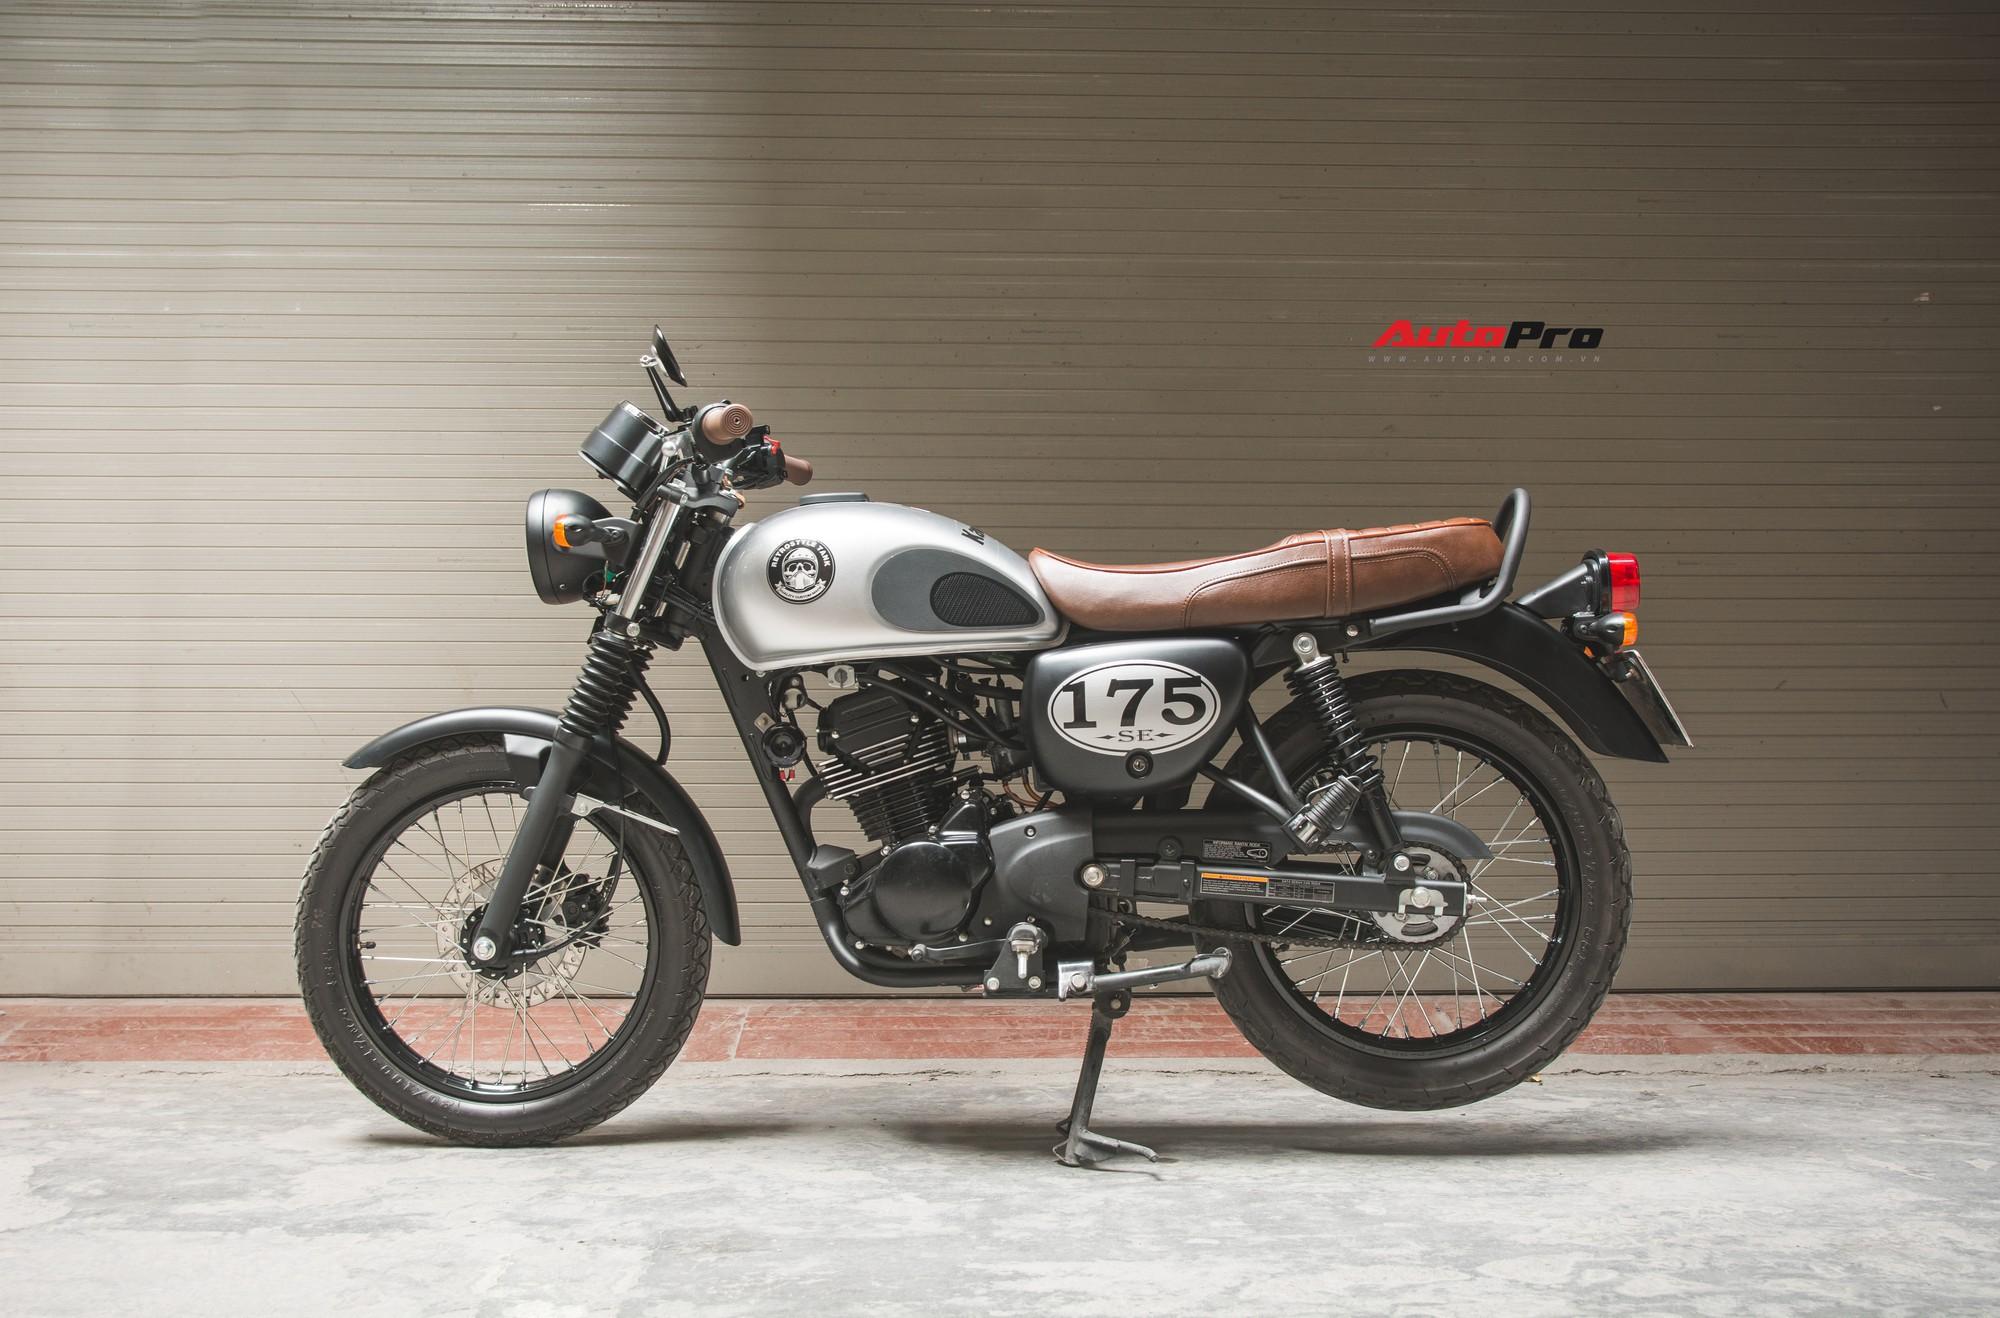 Xe mô tô cổ điển Kawasaki W175 bất ngờ giảm giá tại Việt Nam, cao